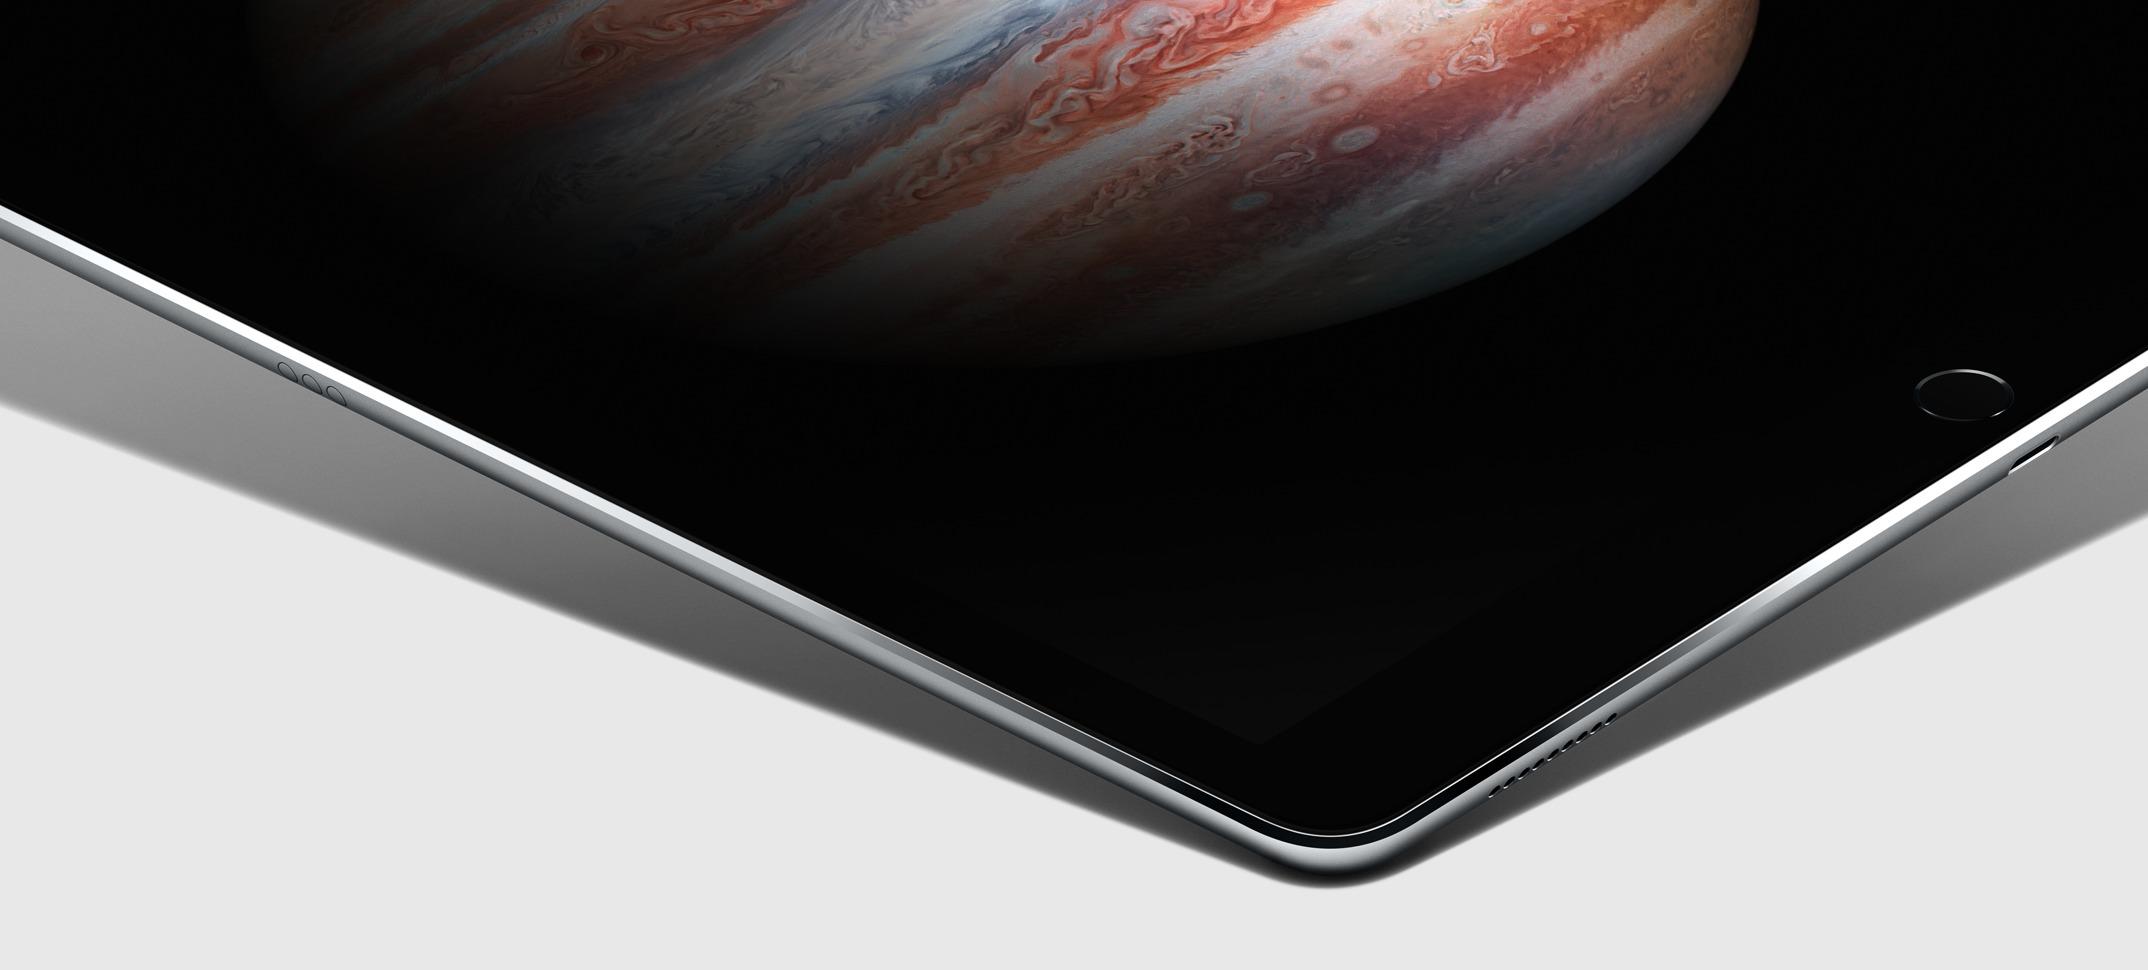 iPad Air 3 får trolig fire høyttalere, bedre panel som bruker mindre strøm, Smart Connector og bedre kameraer med Blitz - også ytelsen skal oppgraderes.